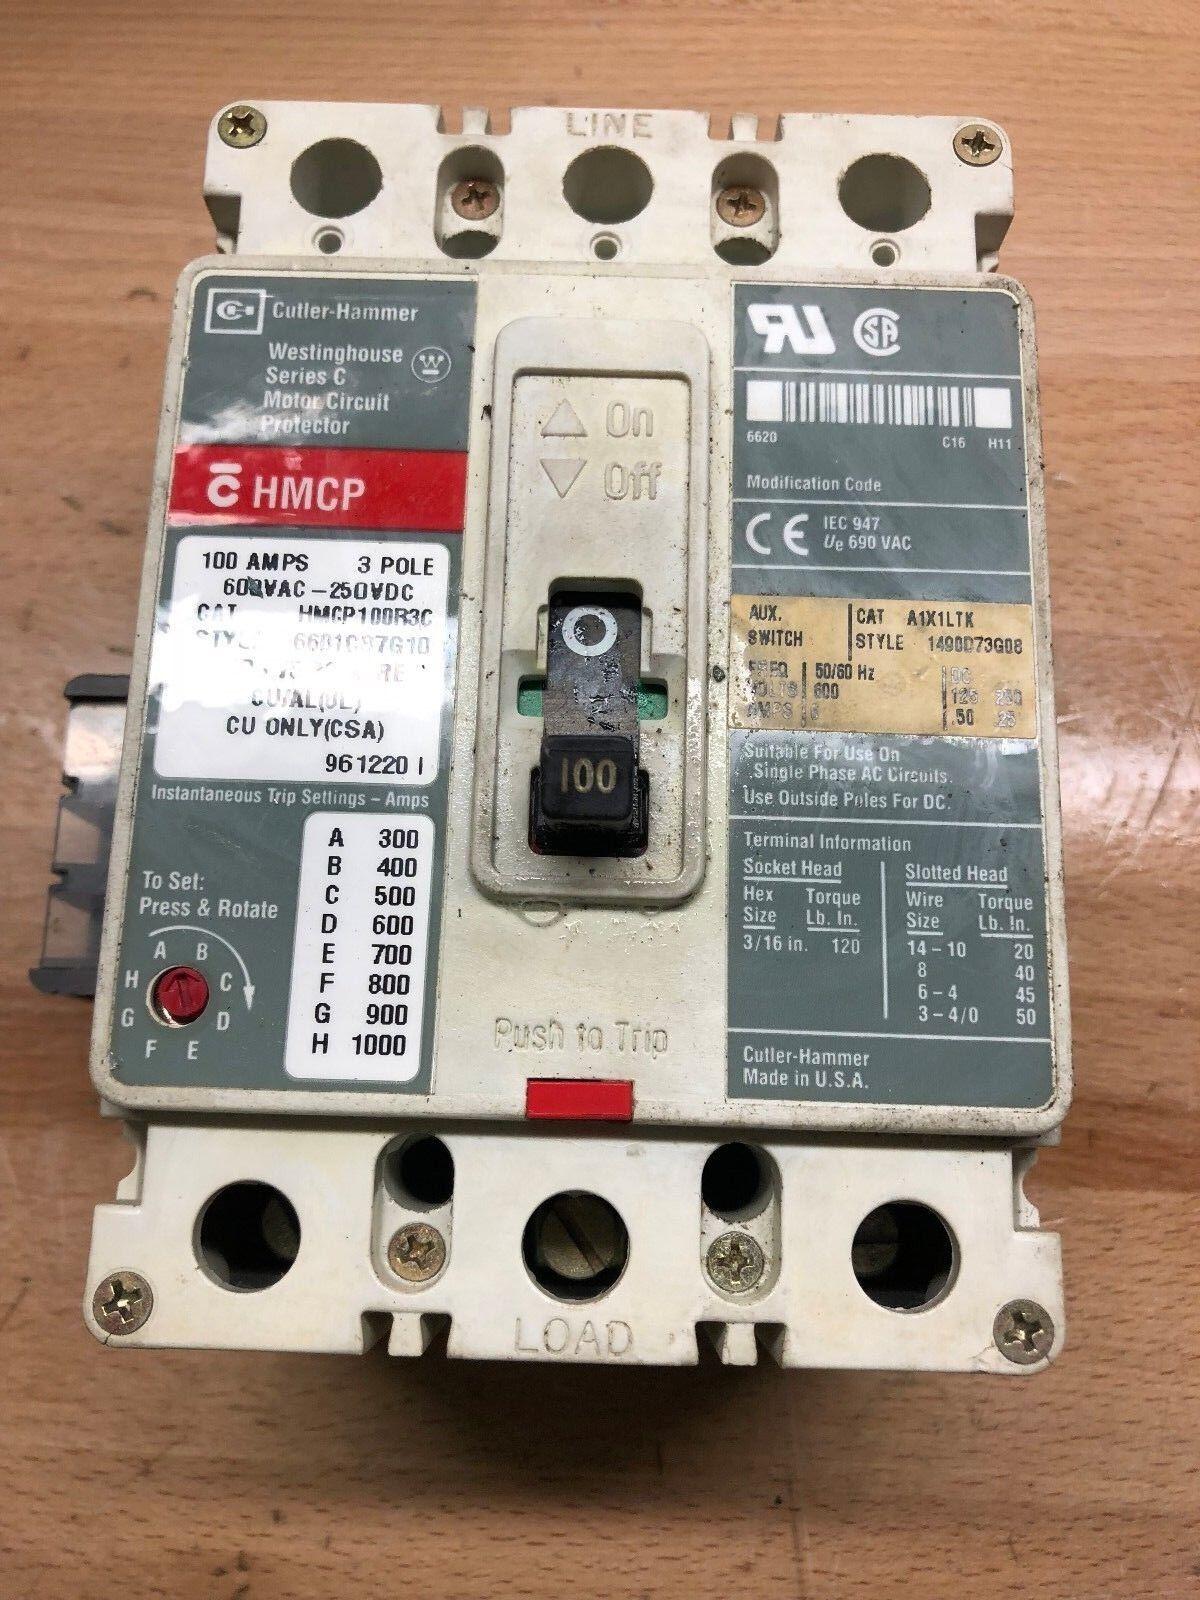 6601c87g10 Cutler Hammer 100 Amp Circuit Braker Nos Ebay Main Breaker Panel Stock Photo